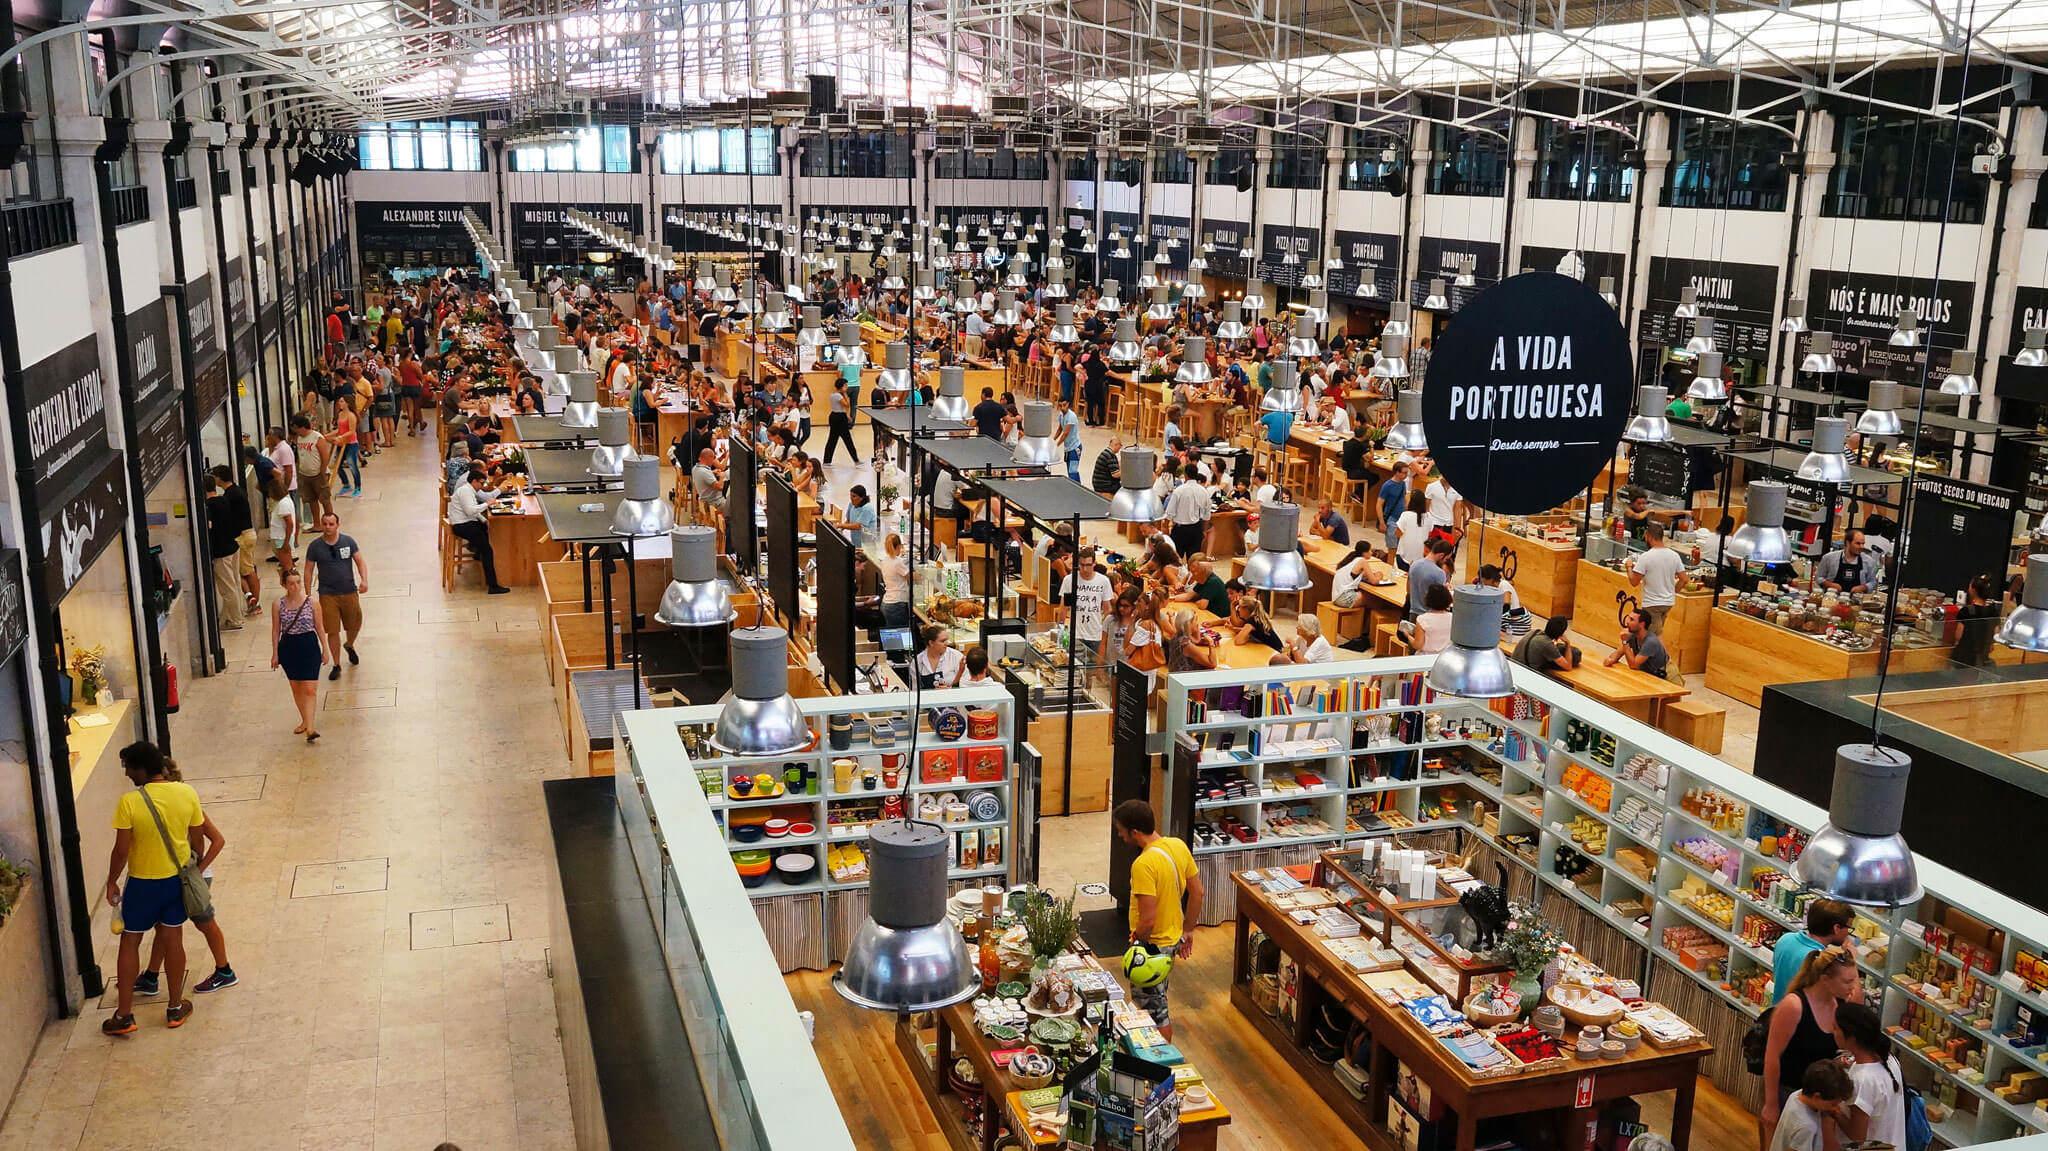 Mercado-da-Ribeira-8-dicas-Viaje-Global